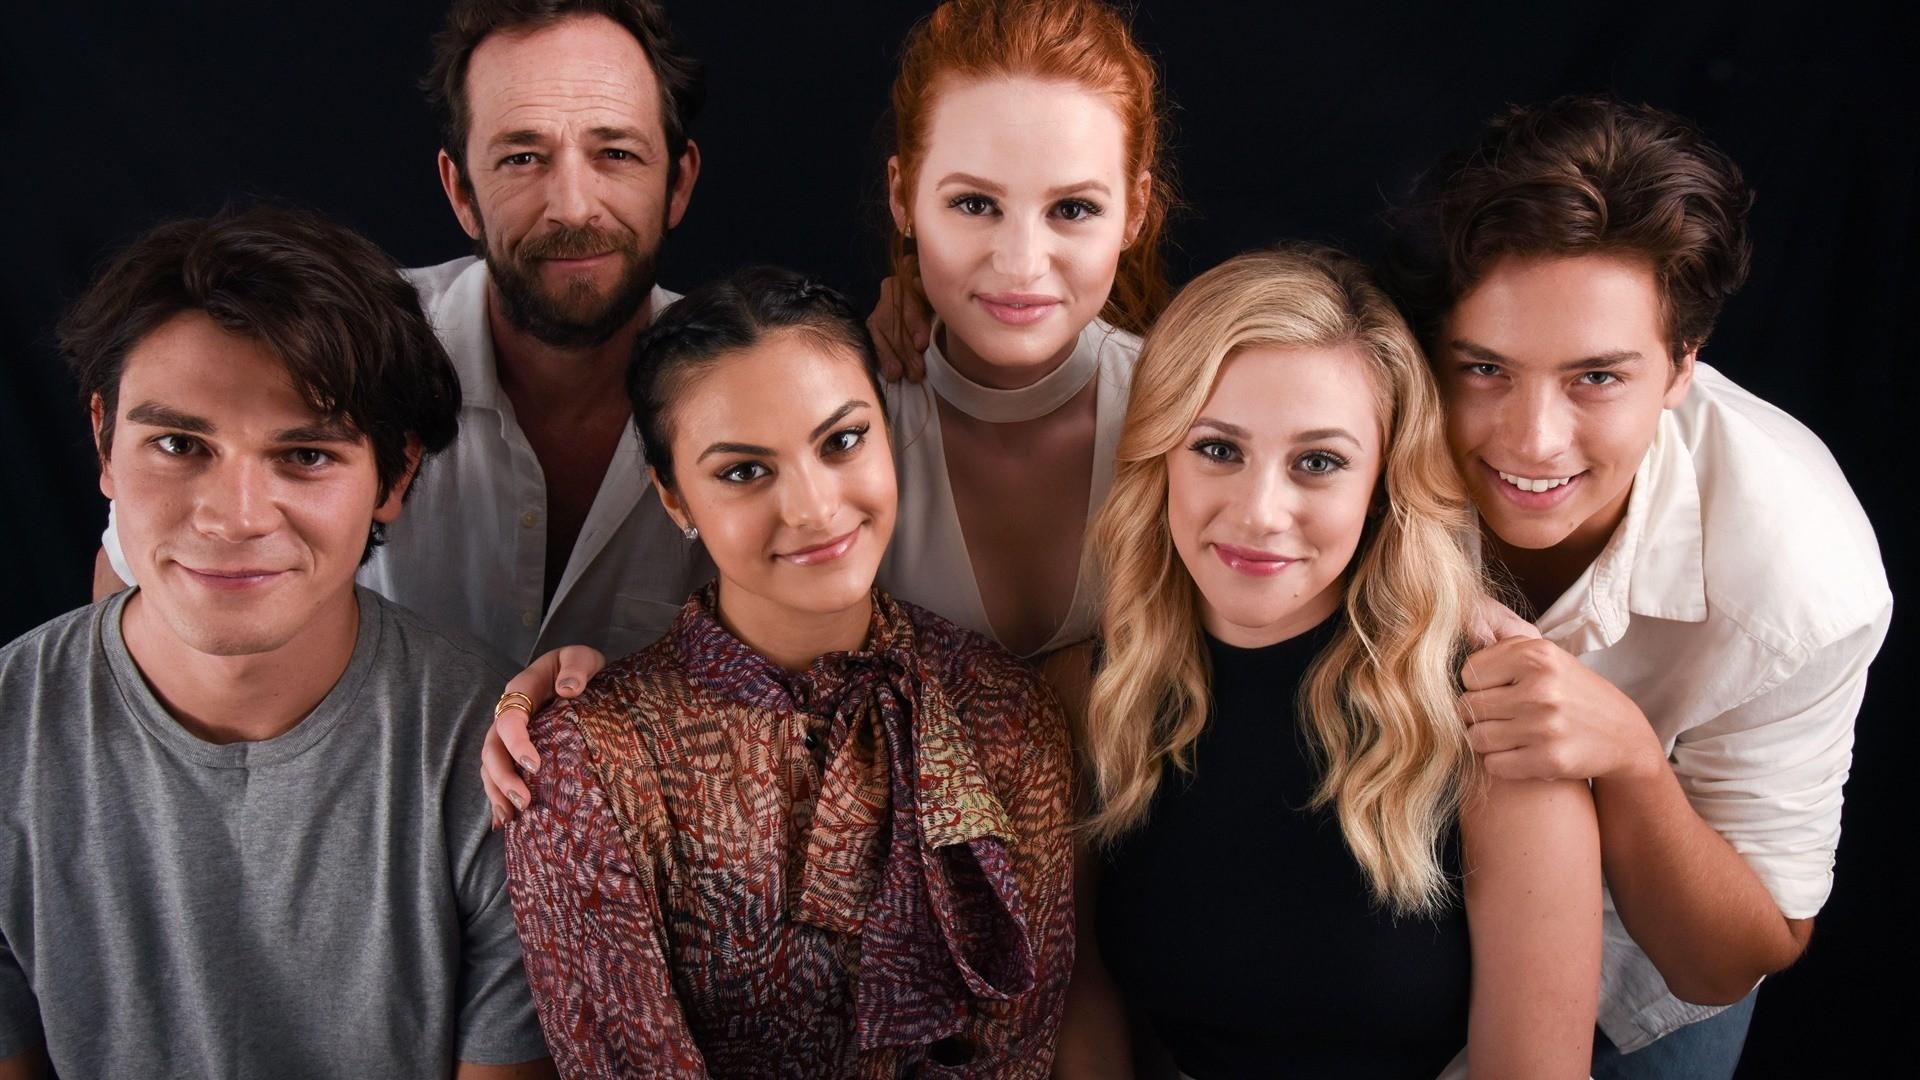 Ktorý herec odchádza zo seriálu Riverdale? A aké má na to dôvody?